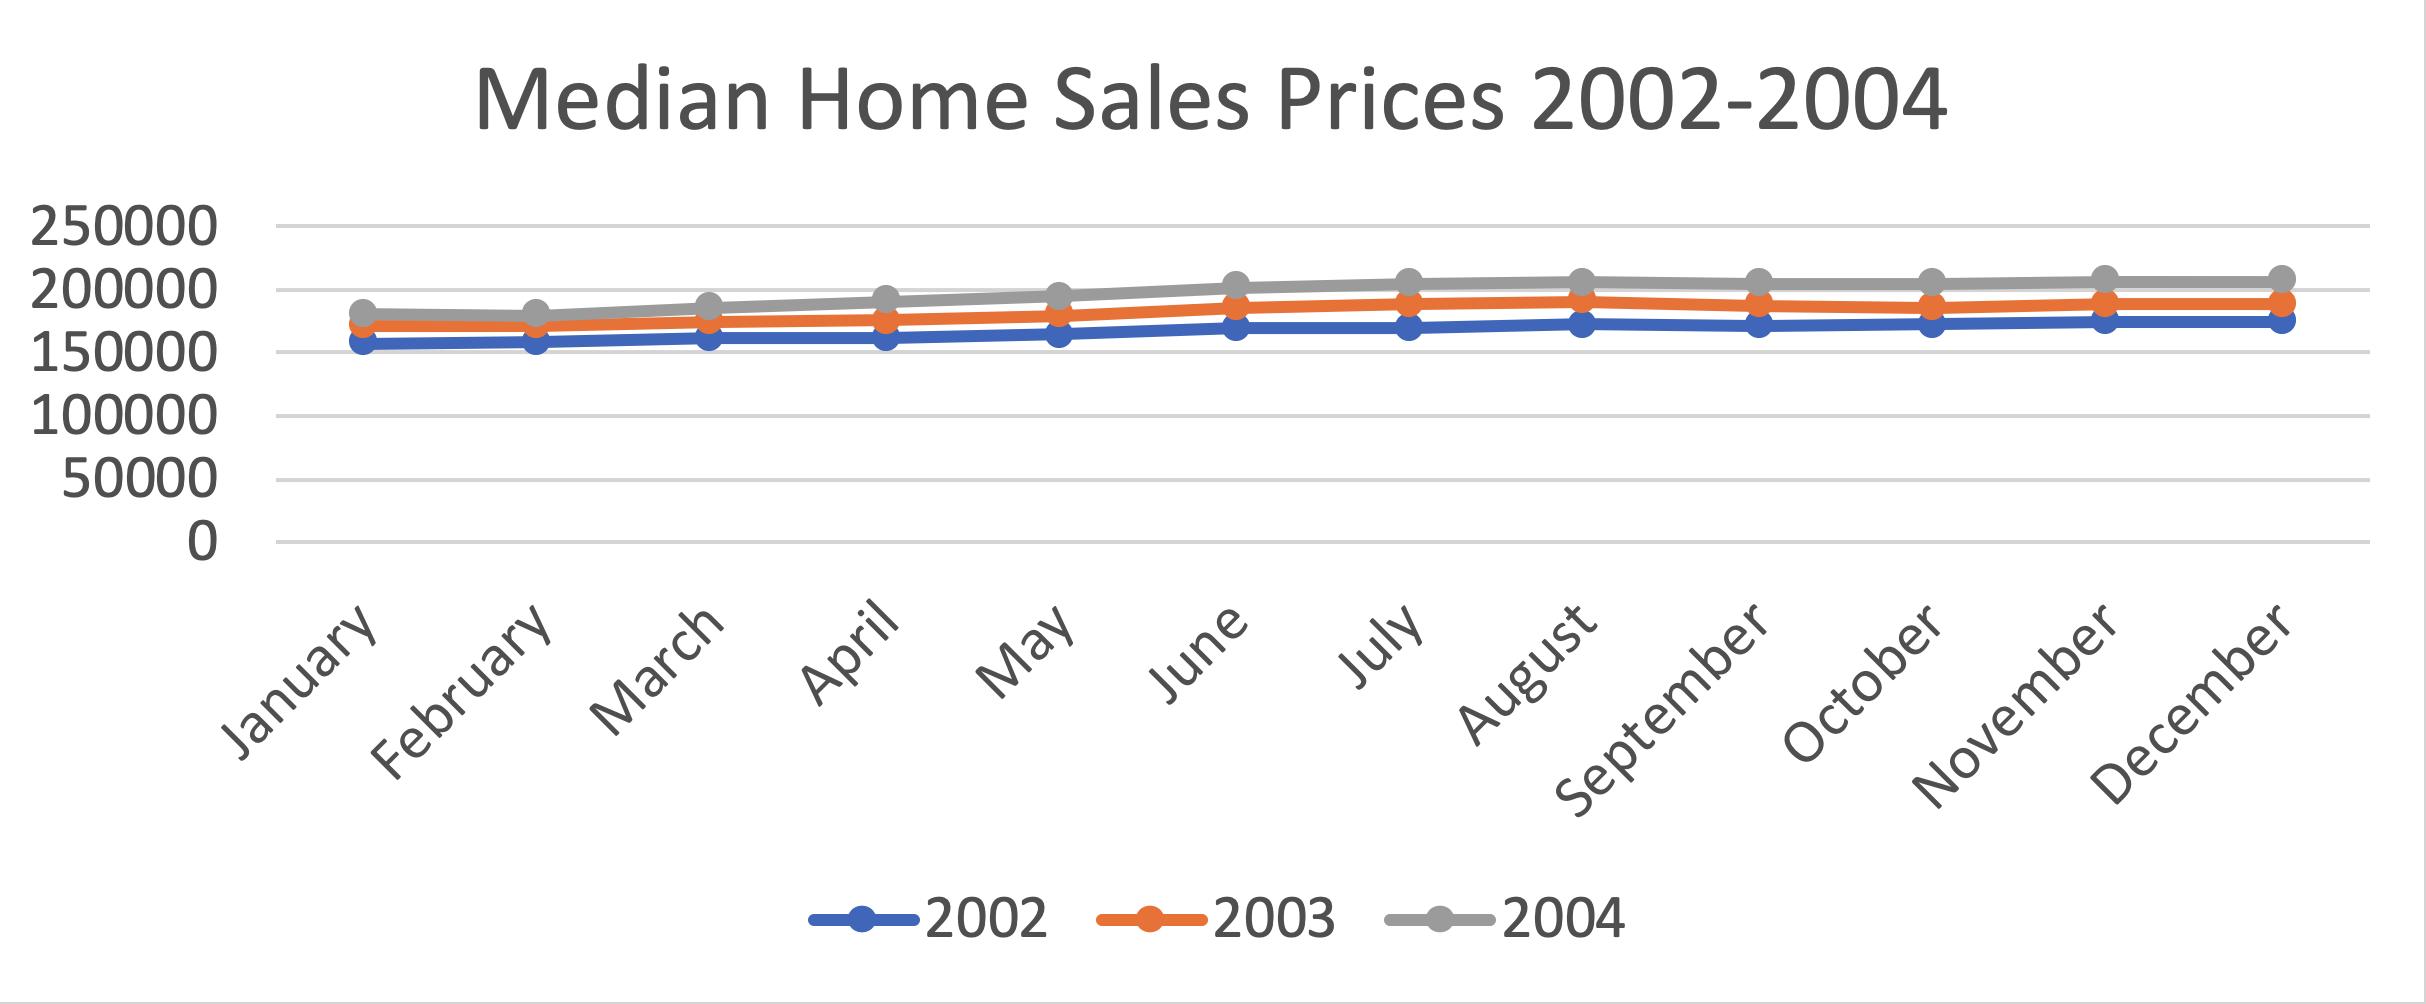 median homes sales price 2002-2004